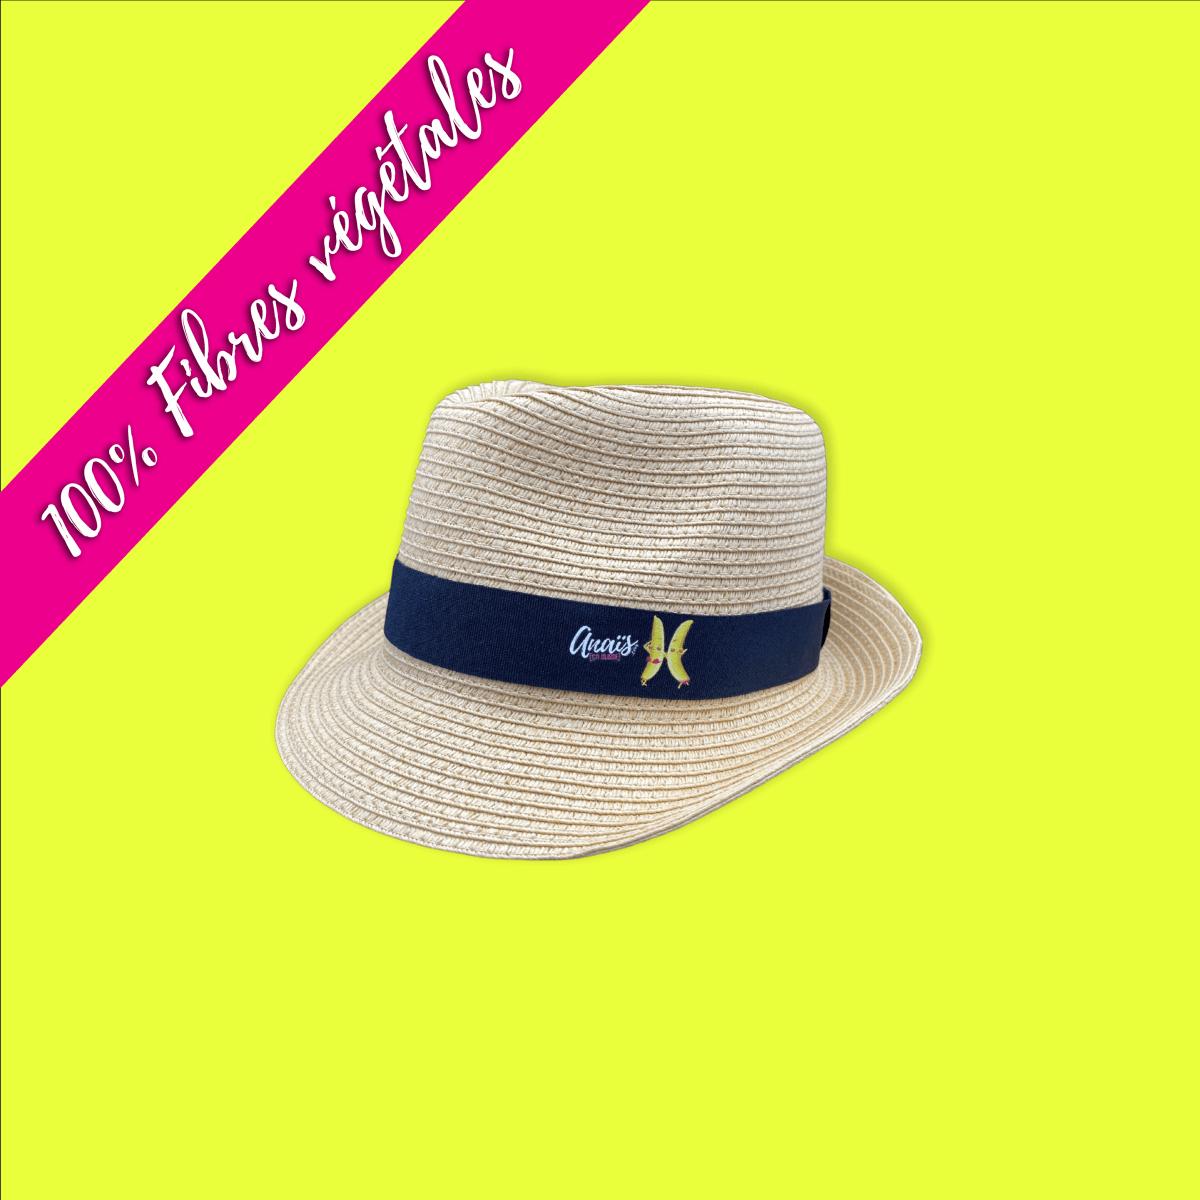 chapeau personnalise